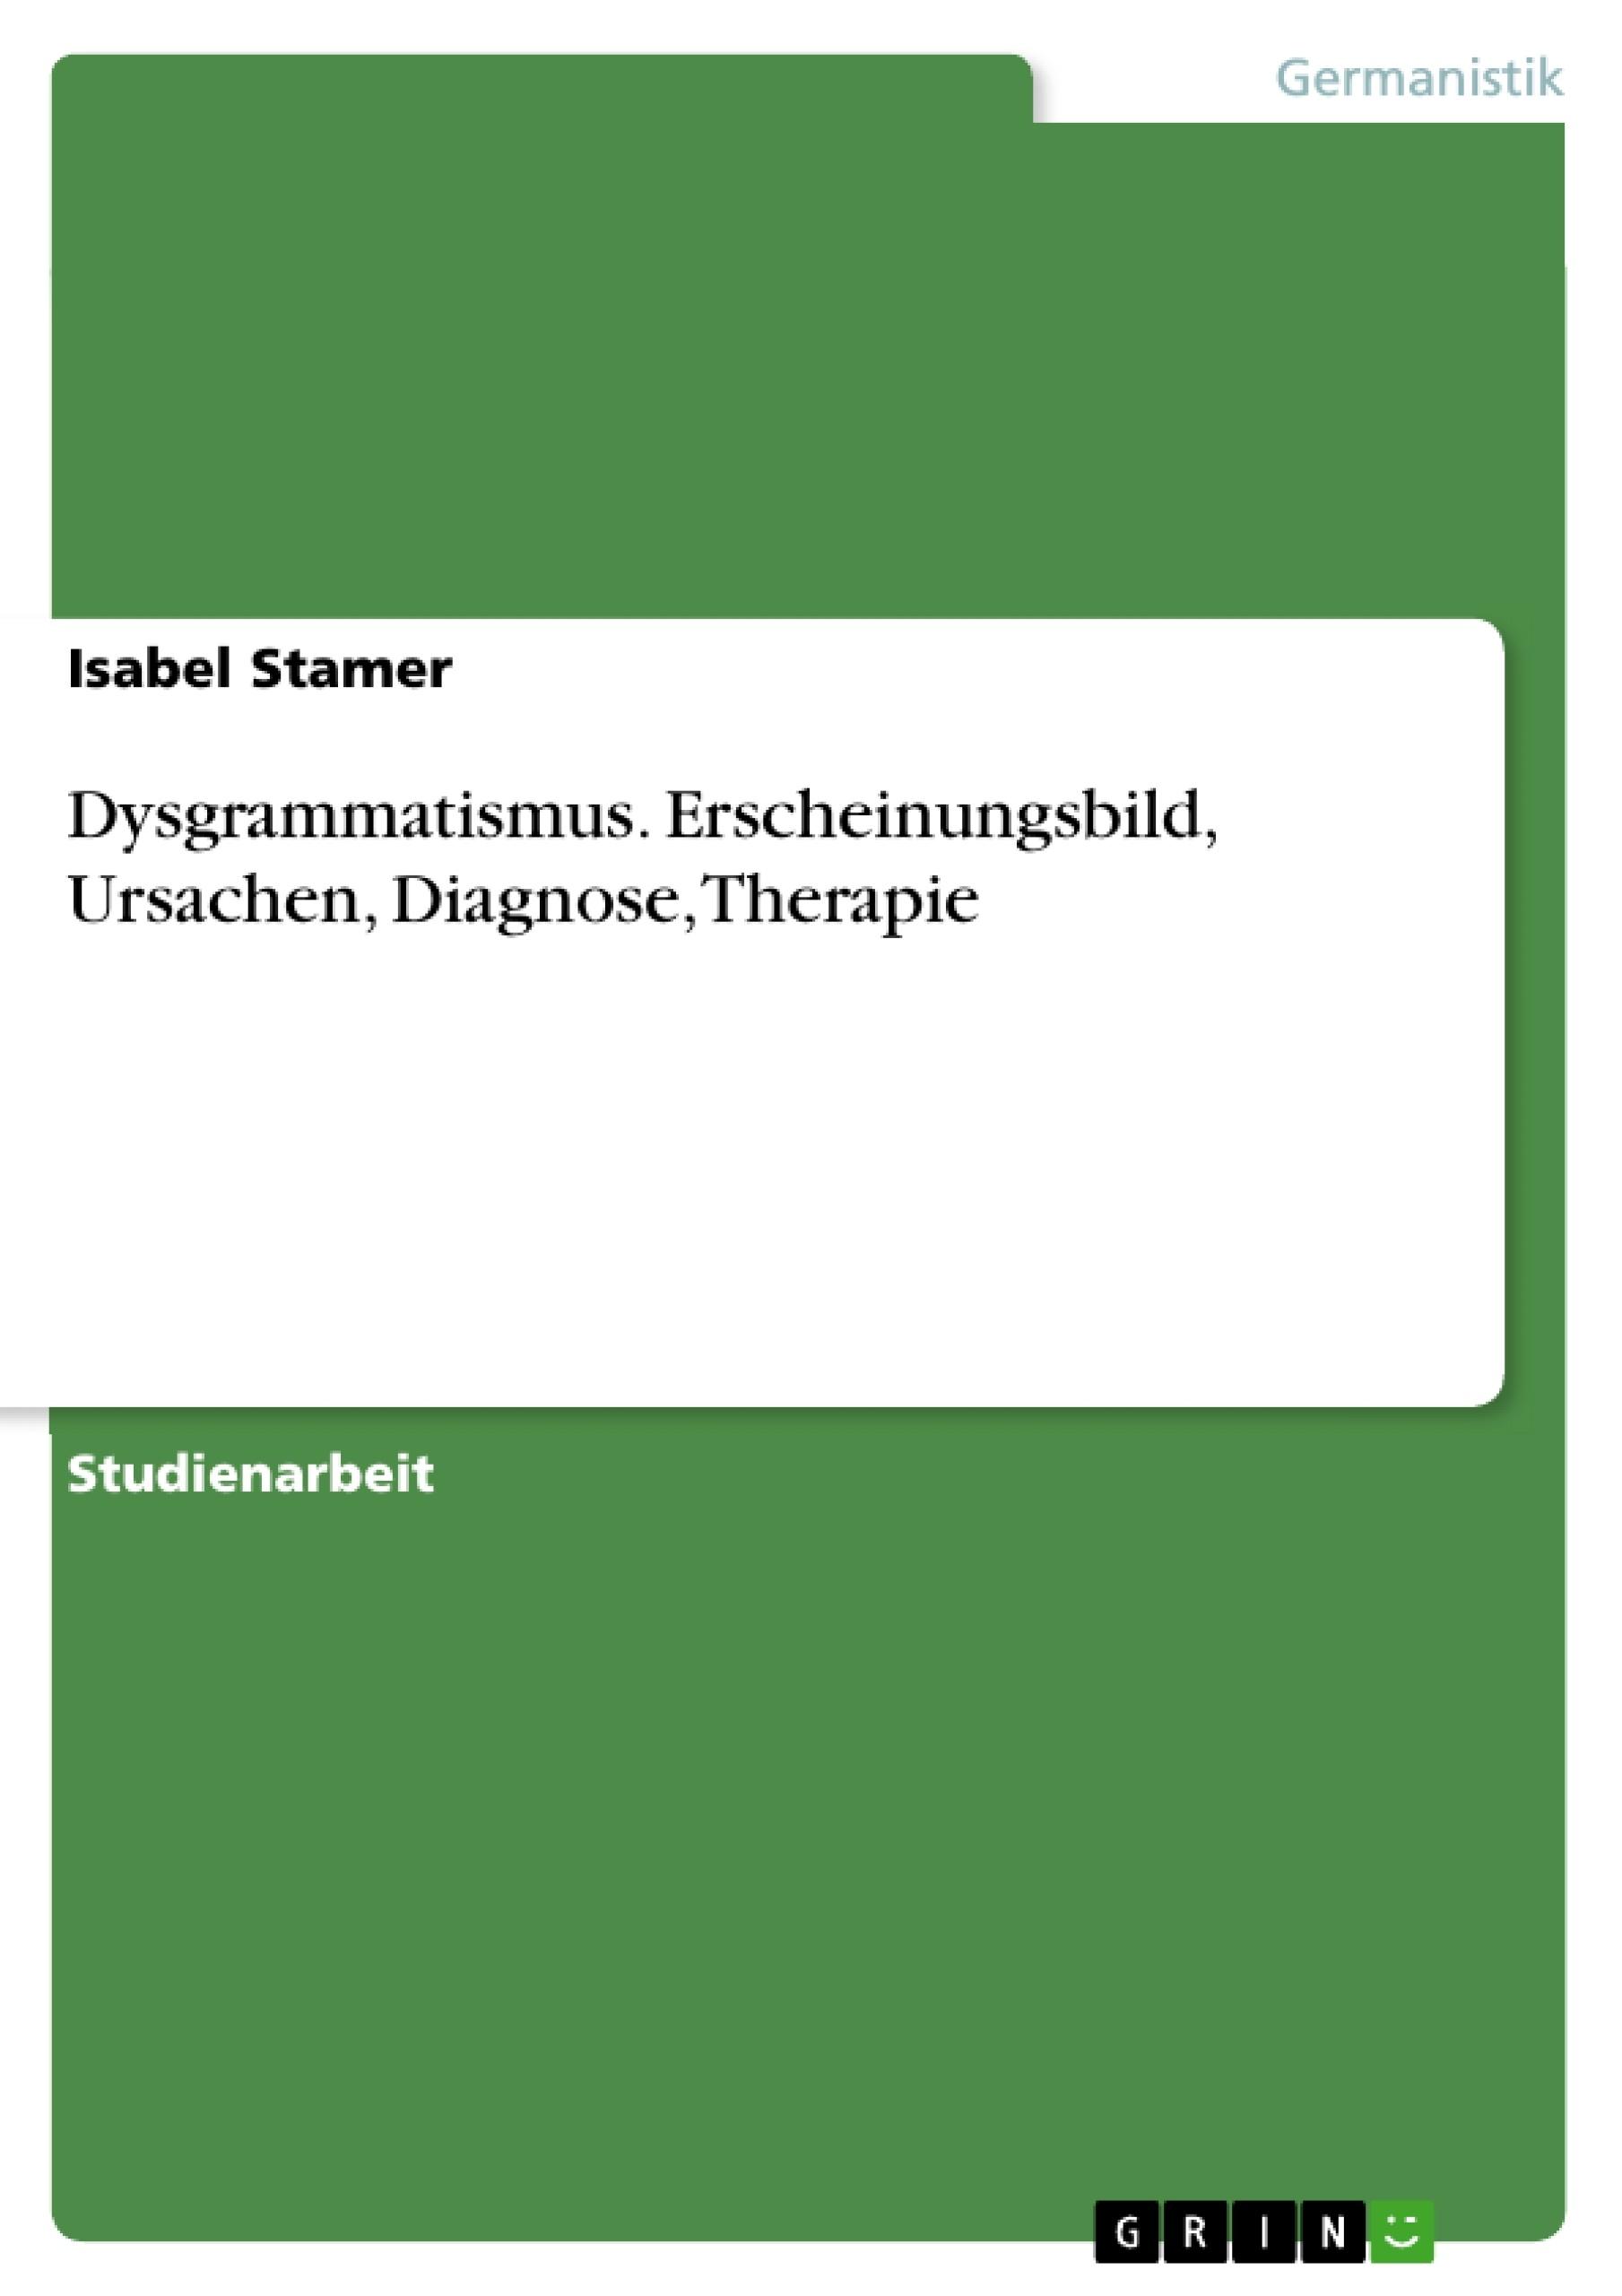 Titel: Dysgrammatismus. Erscheinungsbild, Ursachen, Diagnose, Therapie